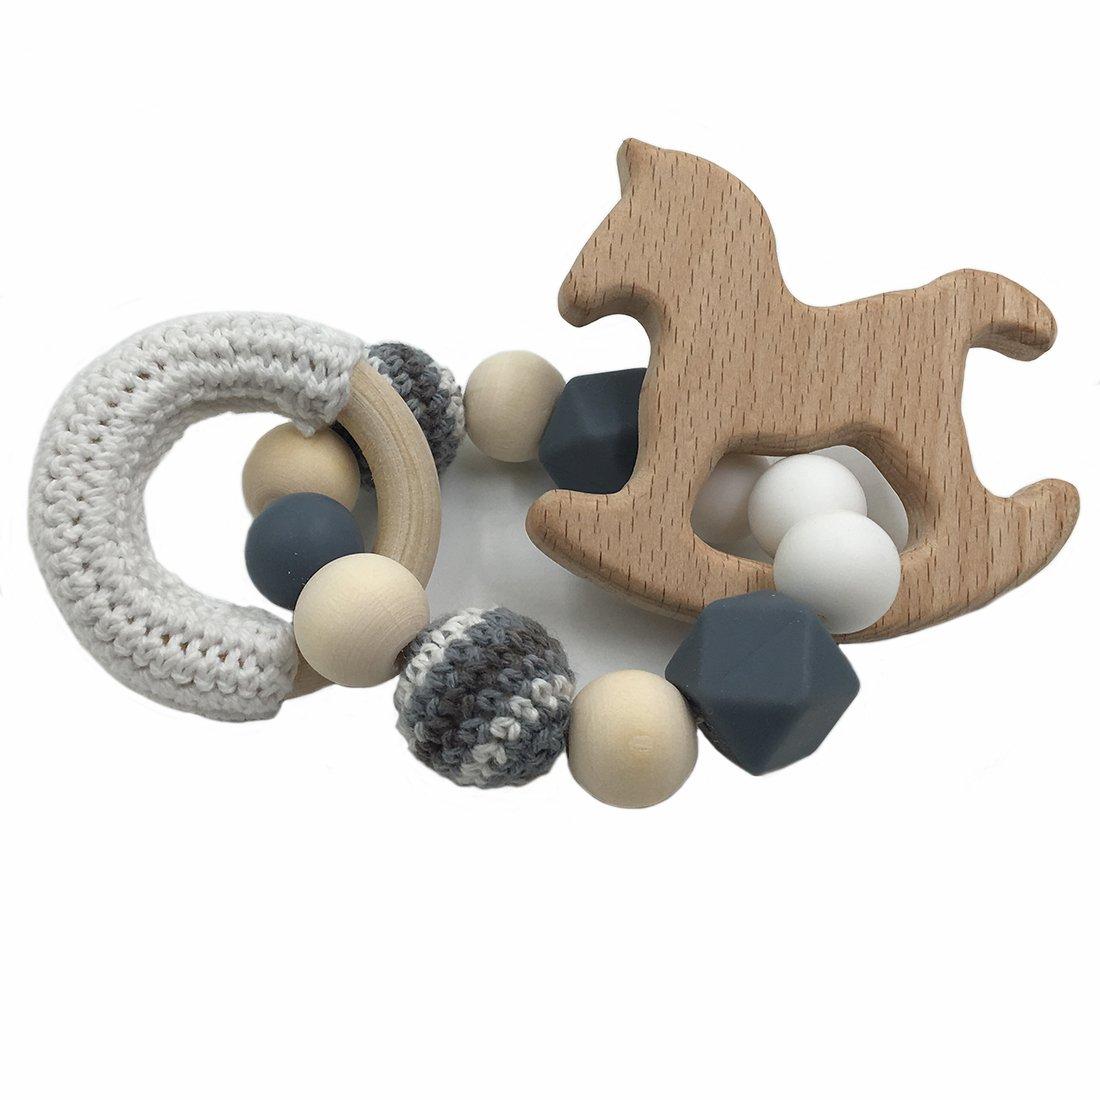 Coskiss Beb/é de madera de haya Mordedor caballo de madera para la dentici/ón Montessori juguetes del traqueteo del beb/é de bricolaje masticables ganchillo perlas pulseras Azul